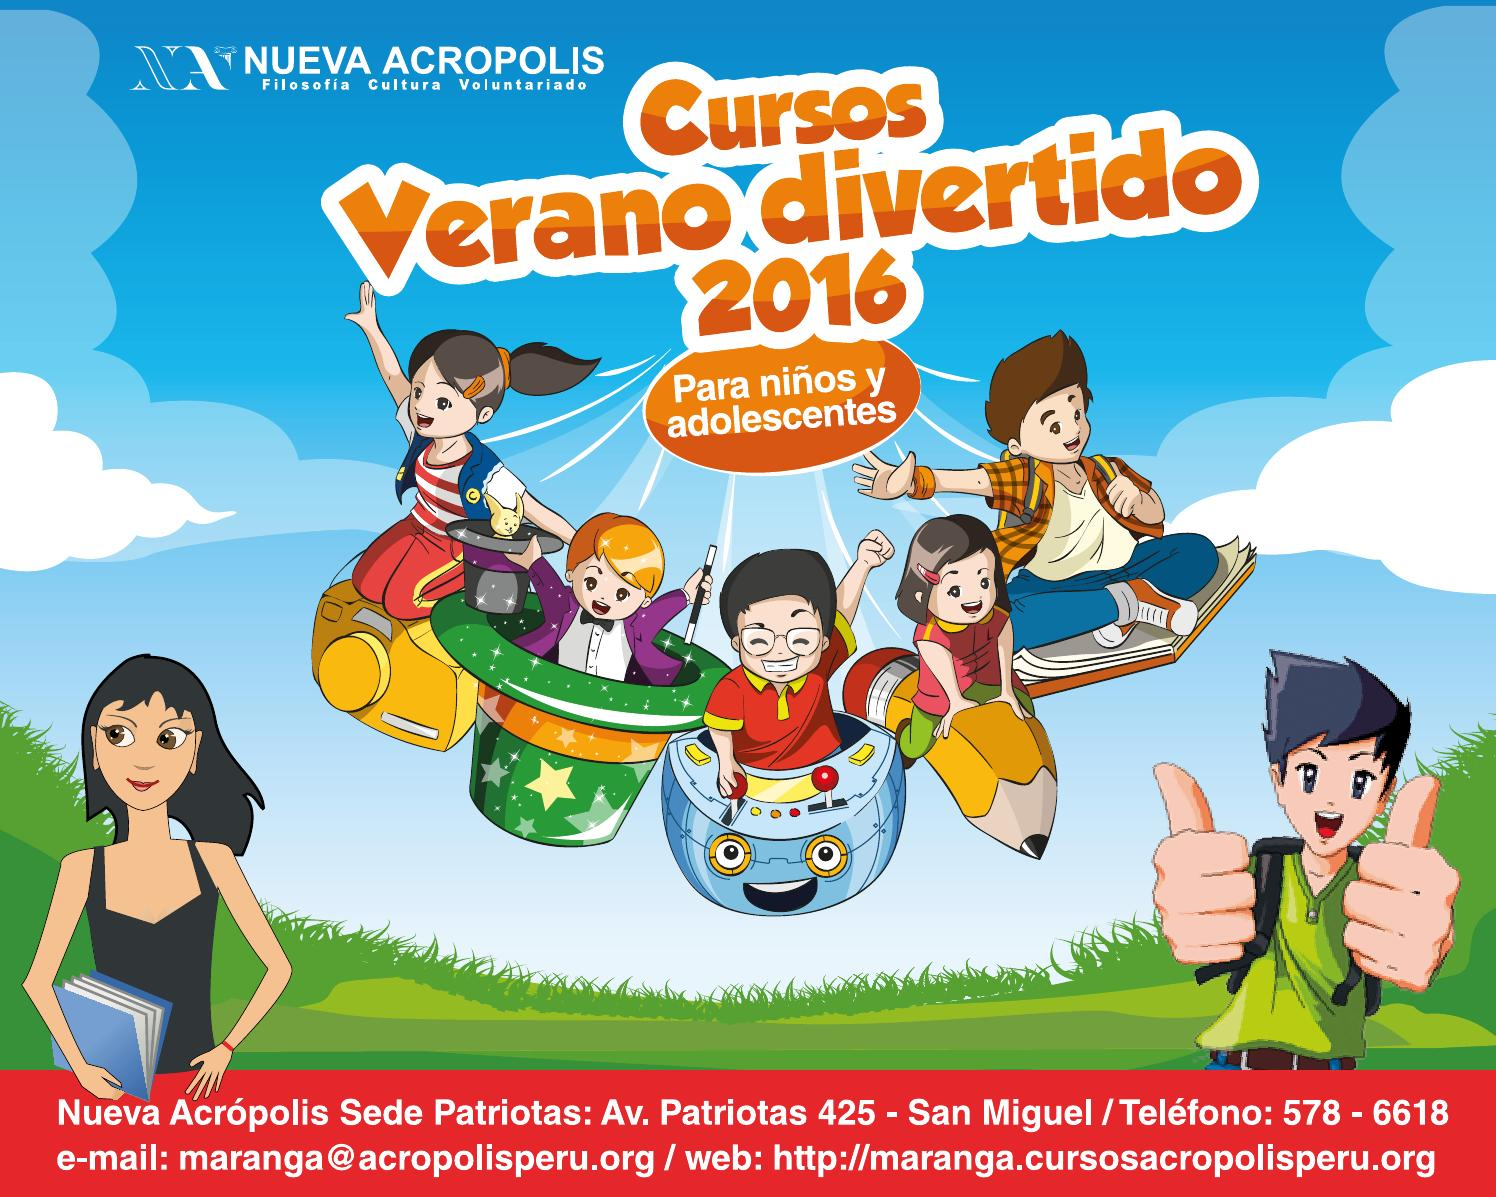 Verano Divertido 2016 - Cursos para niños y adolescentes (de 5 a 15 años)  by NUEVA ACROPOLIS MARANGA - issuu 16591b3f57d